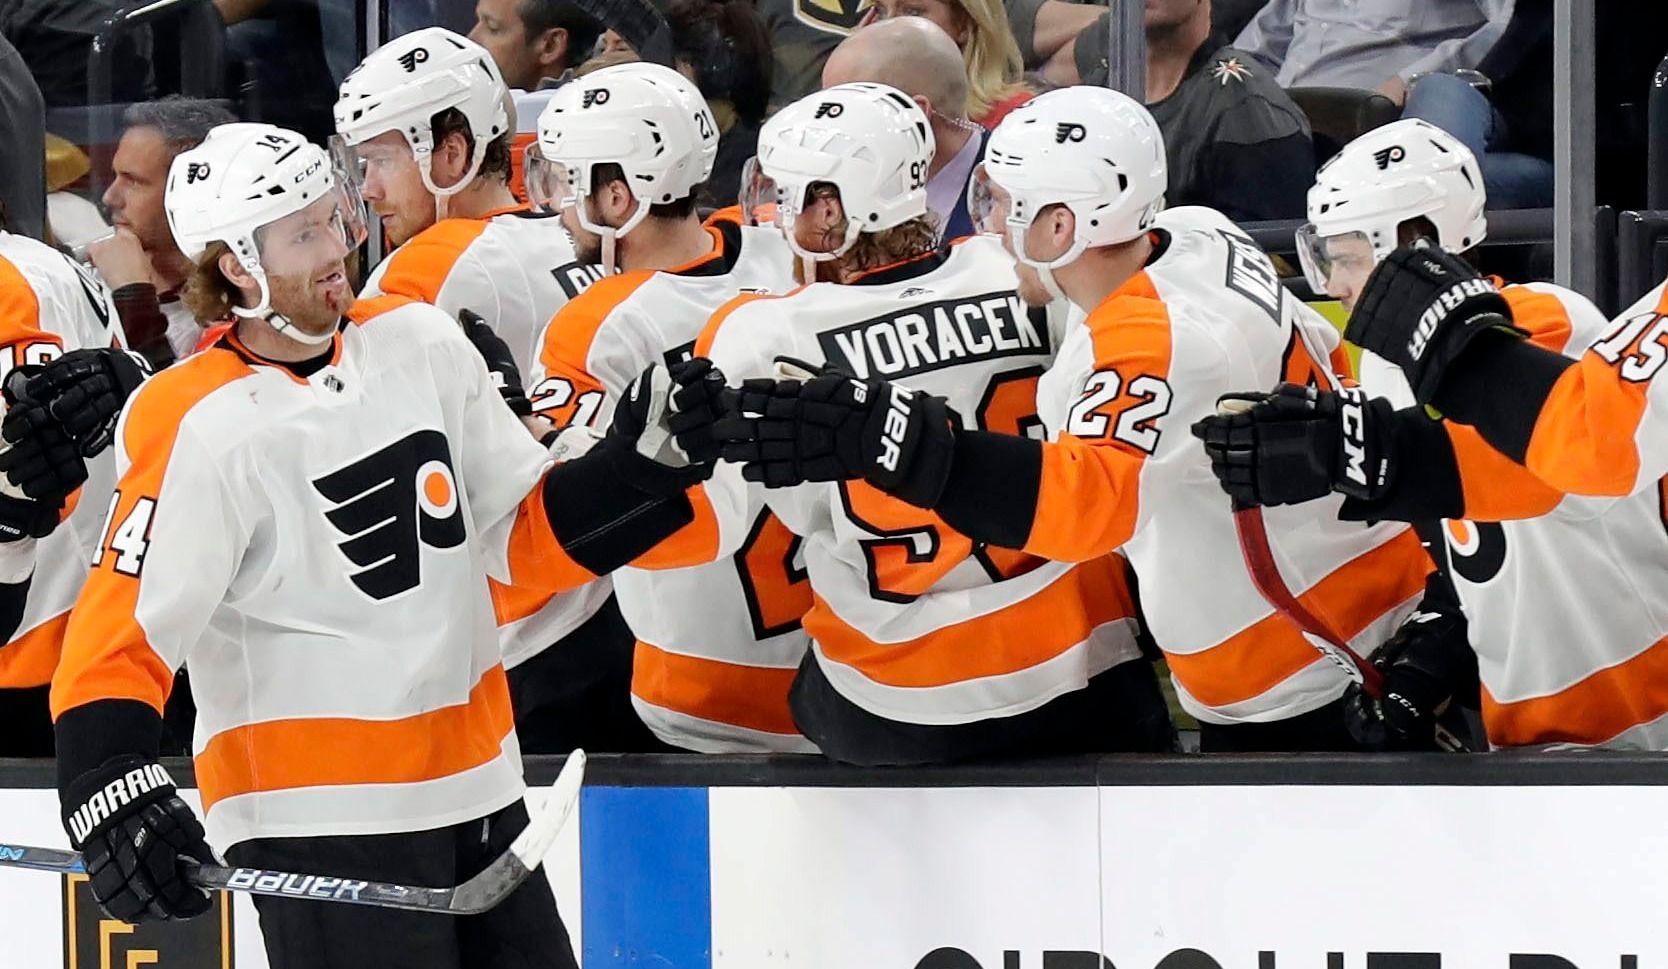 Les Flyers infligent une rare défaite aux Golden Knights (vidéo)